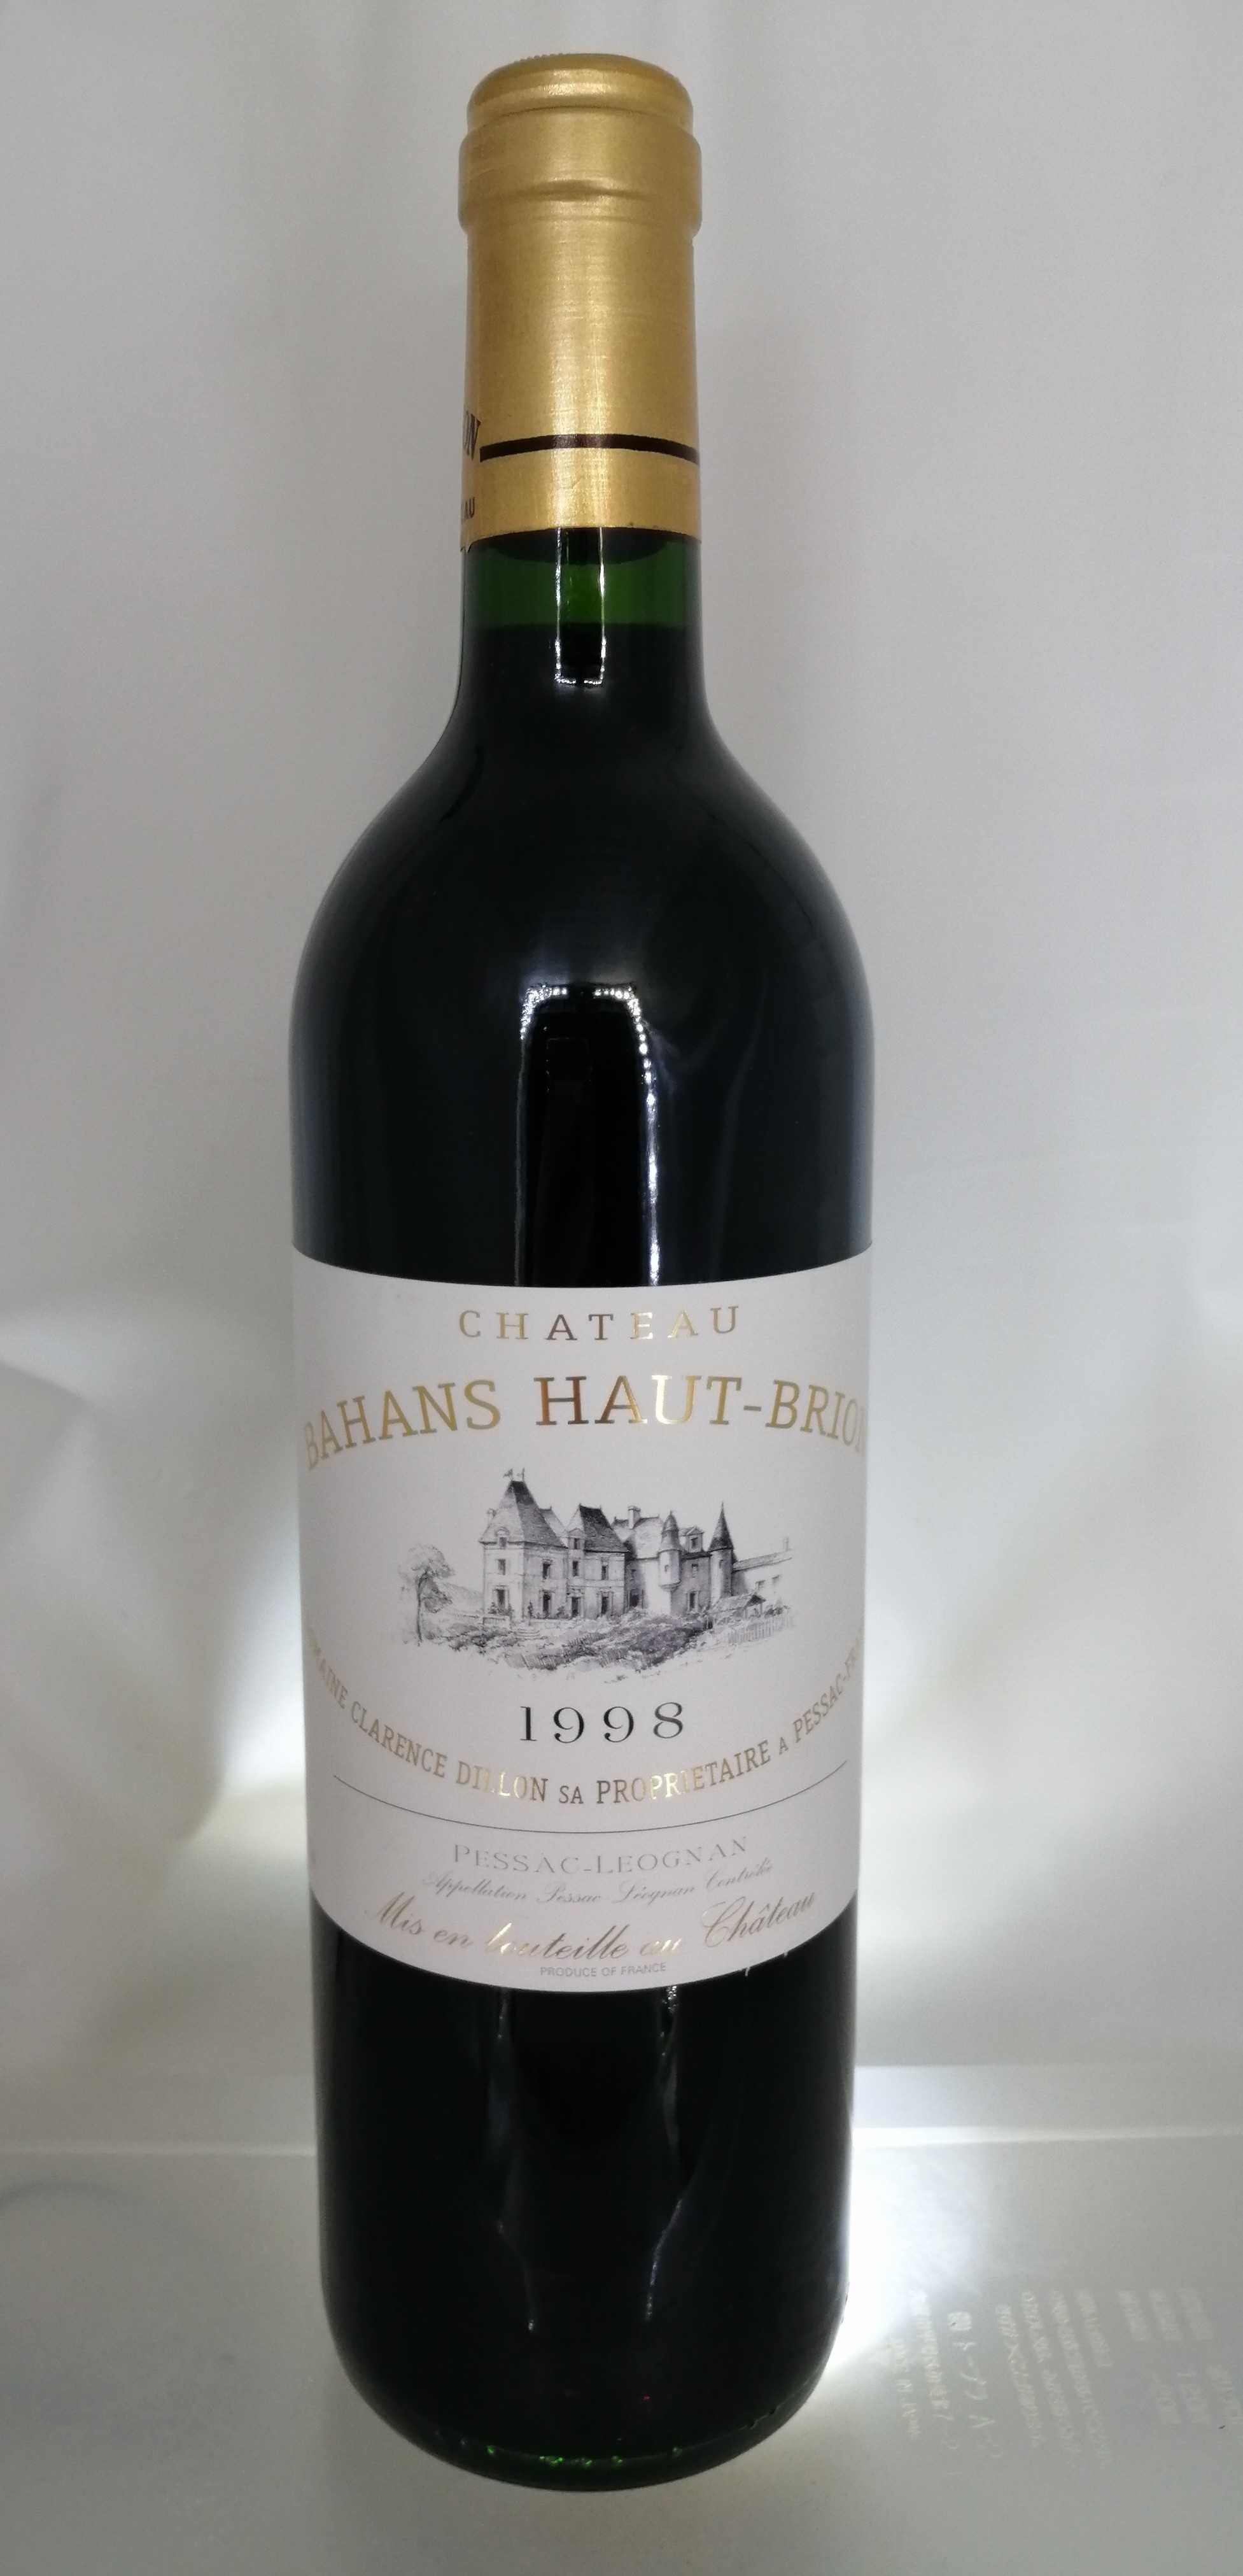 CH.バーン・オーブリオン1998 CH.HAUT-BRION